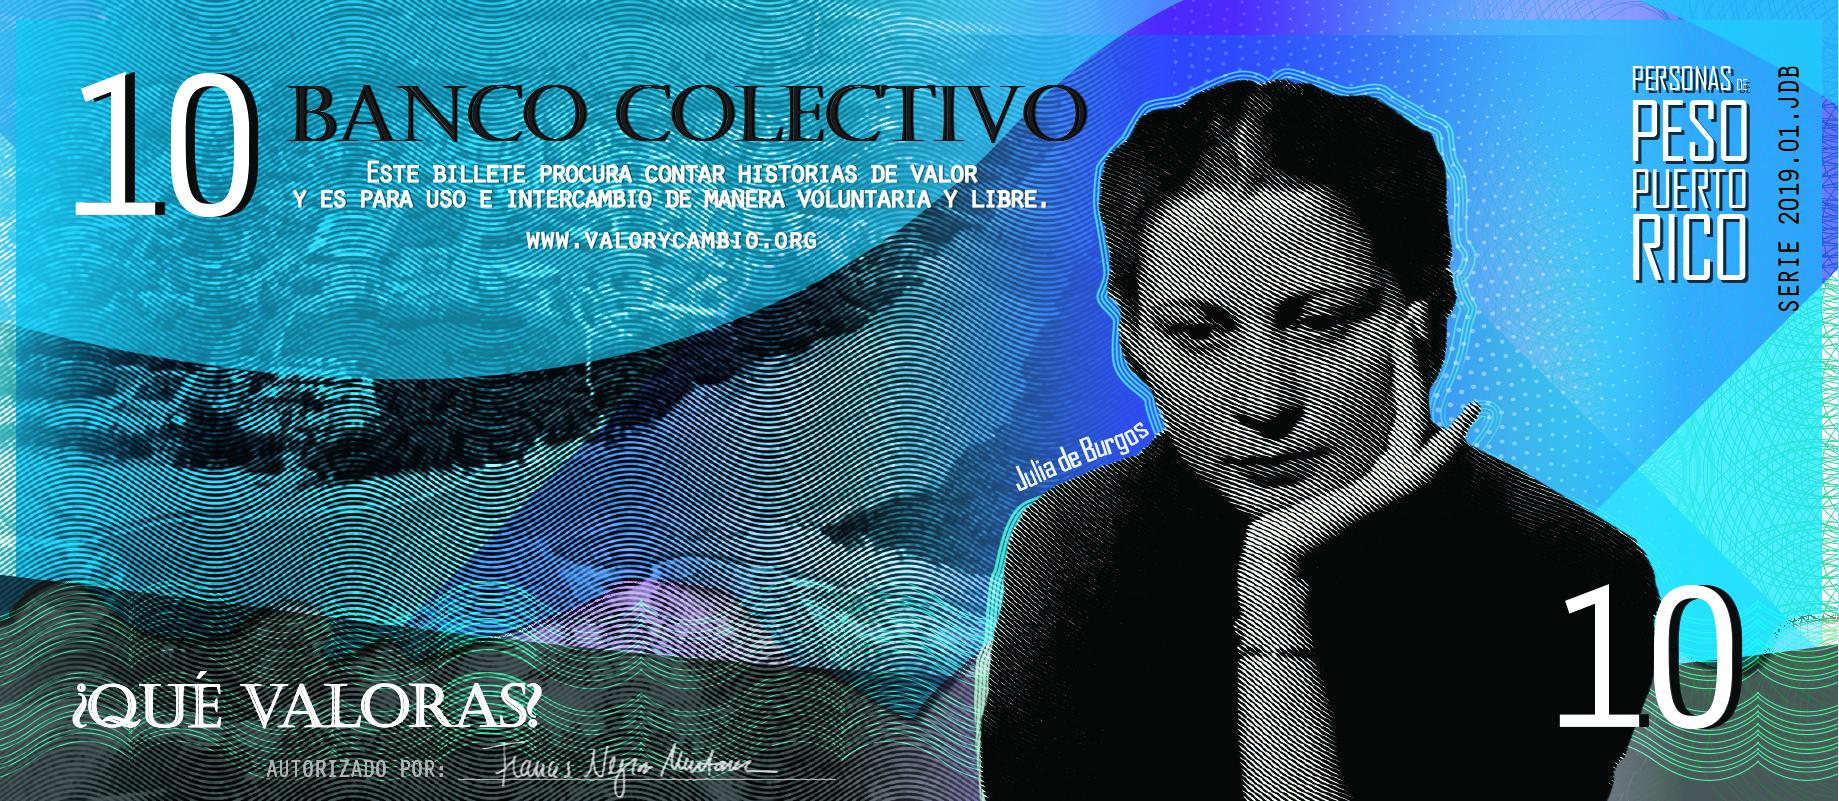 Peso 10 - Julia de Burgos.jpg